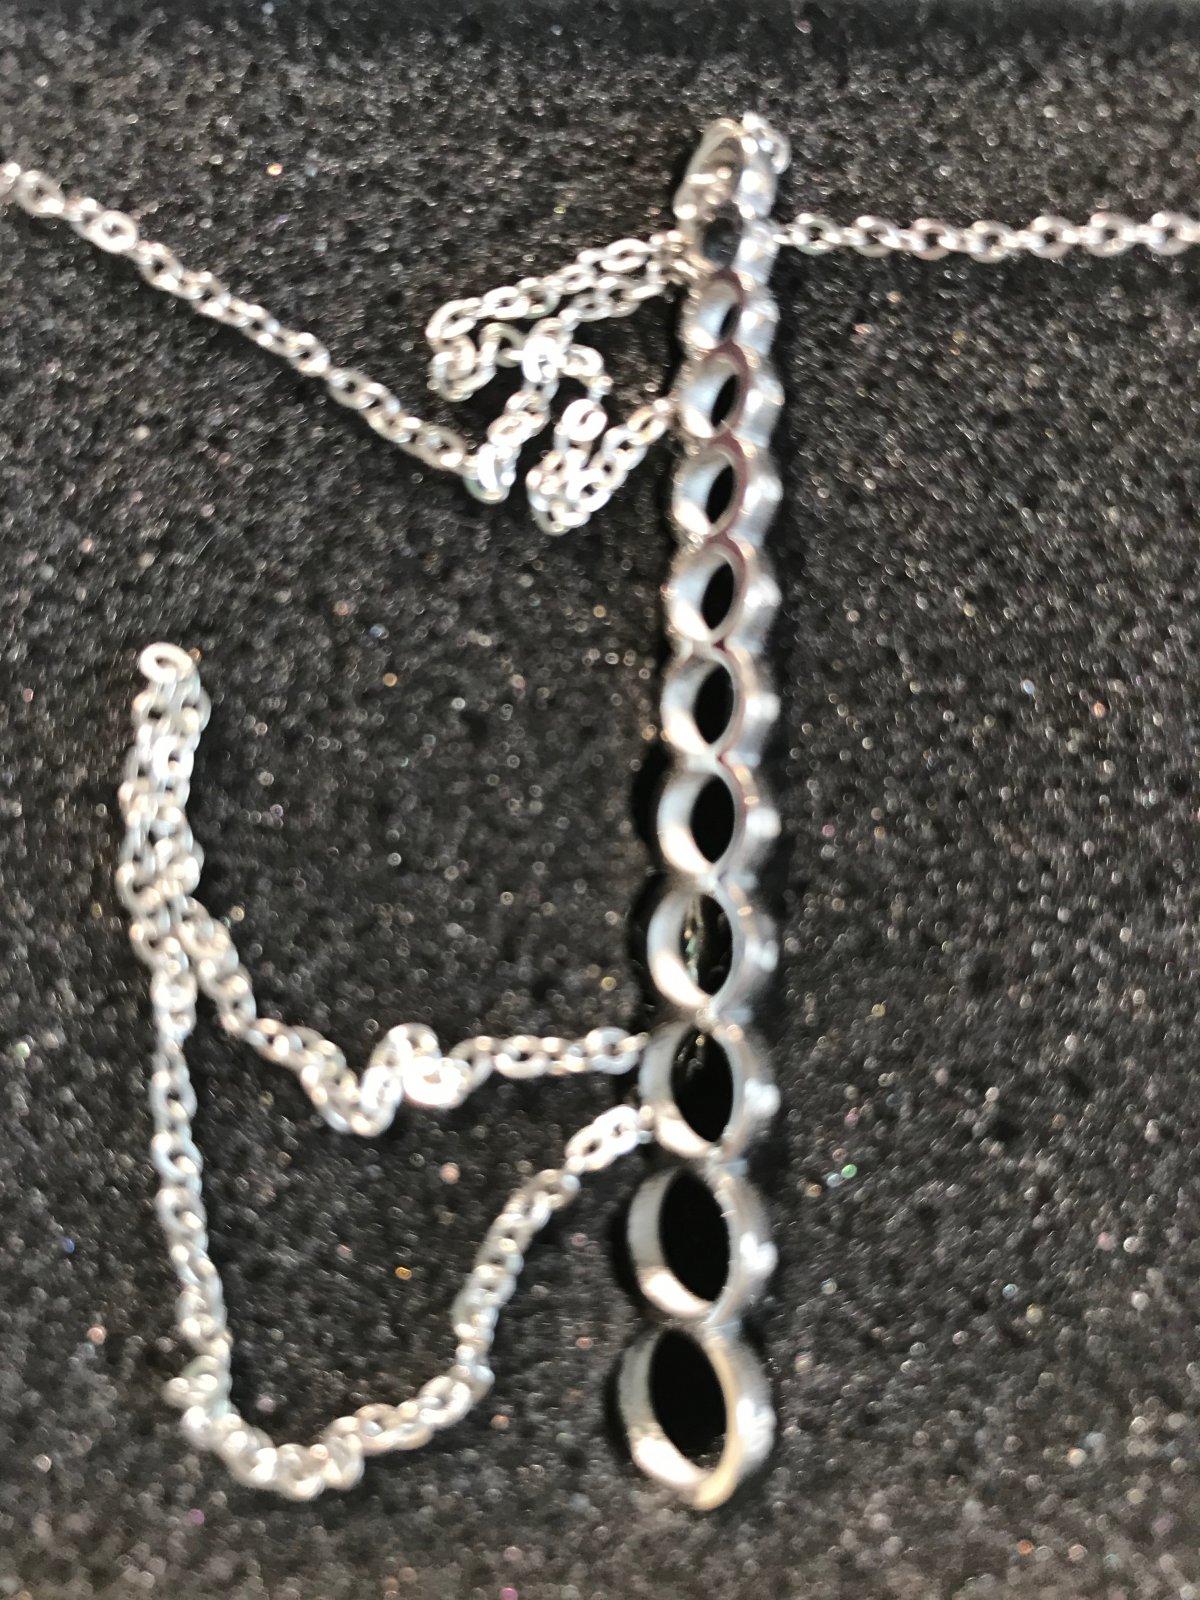 Needle Necklace